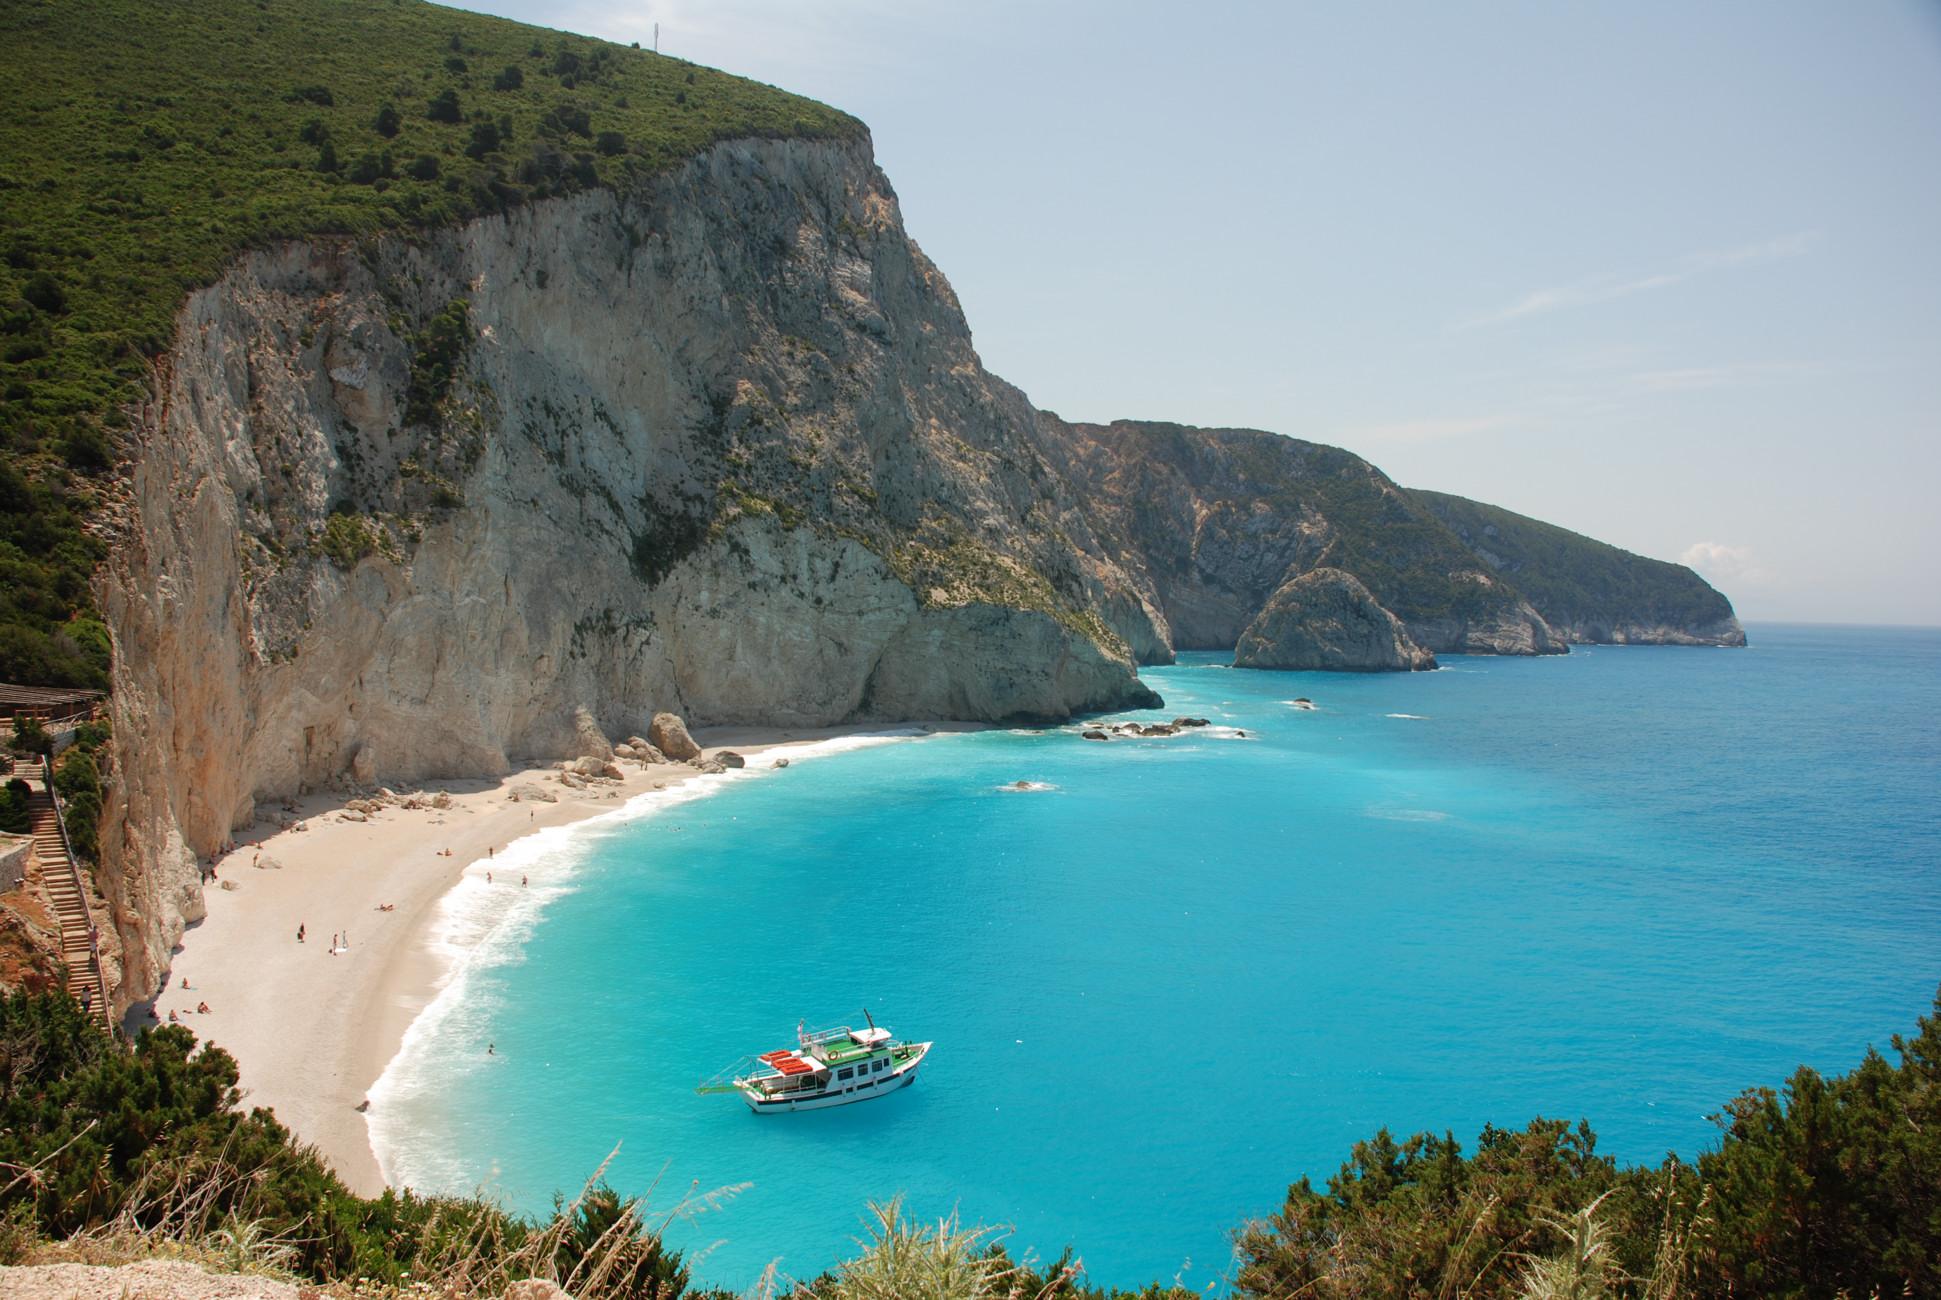 Plaja in Lefkada, Grecia